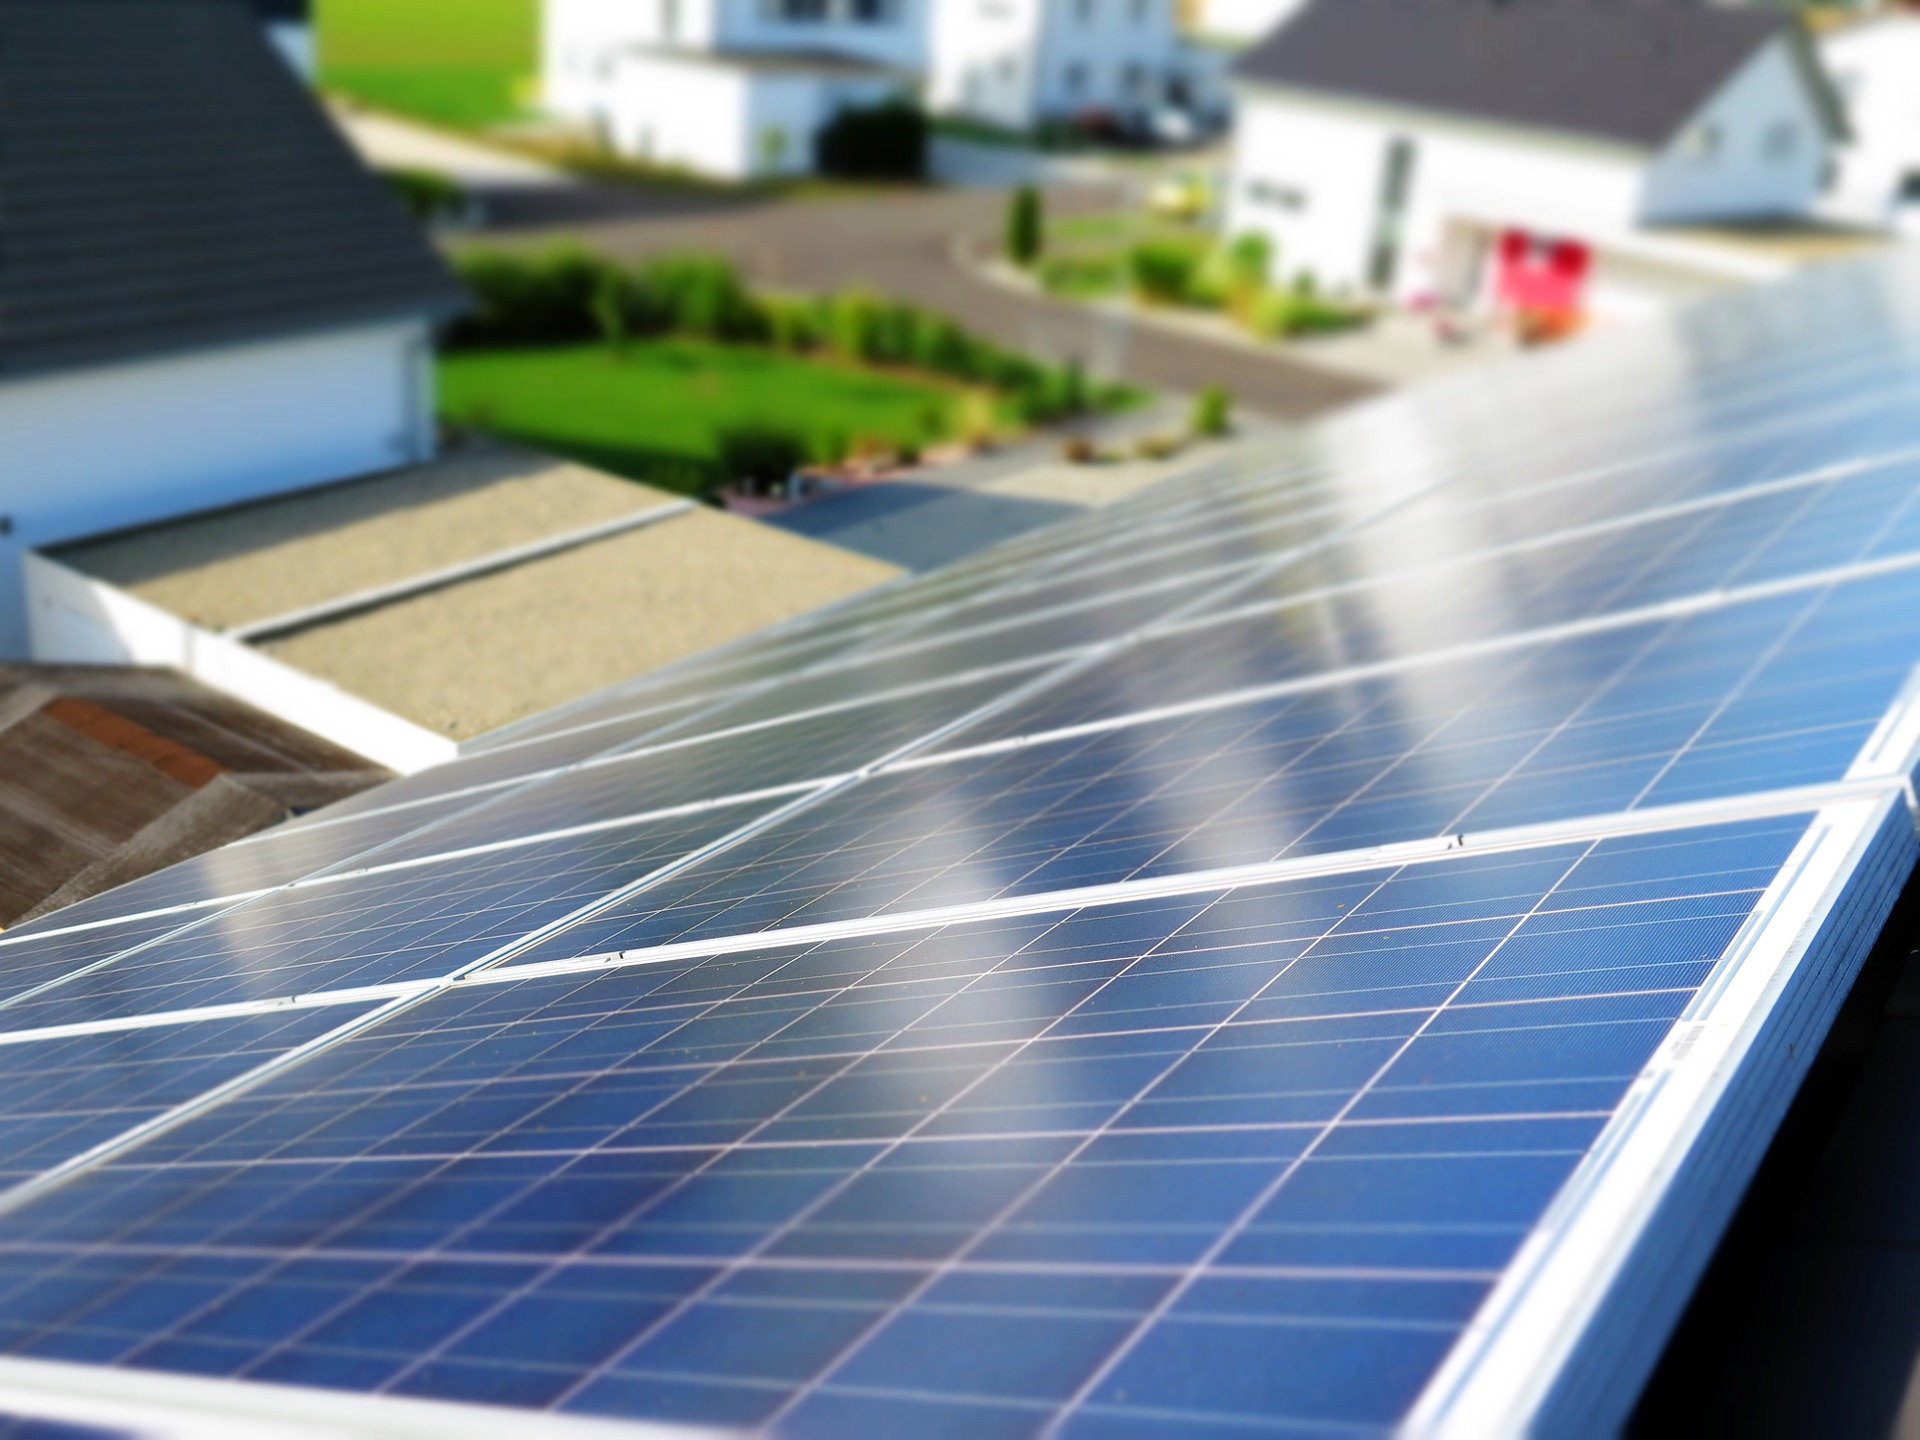 panneau solaire, panneau photovoltaique, devis panneaux solaires brabant wallon, economie energie, maison habitat 2.jpg